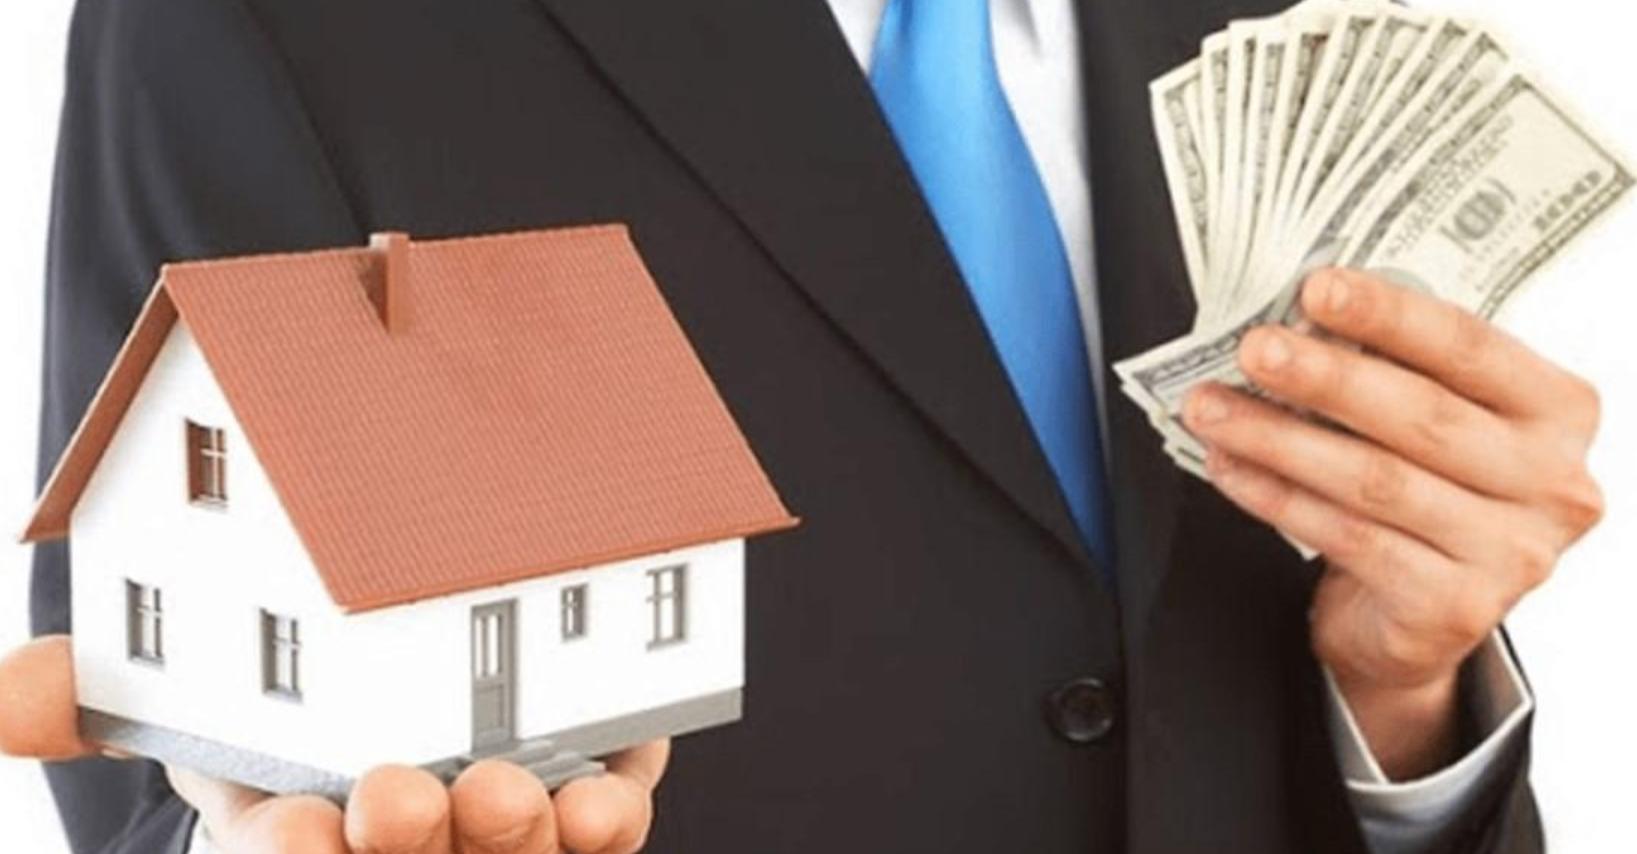 keuntungan dan kerugian membeli rumah melalui kpr